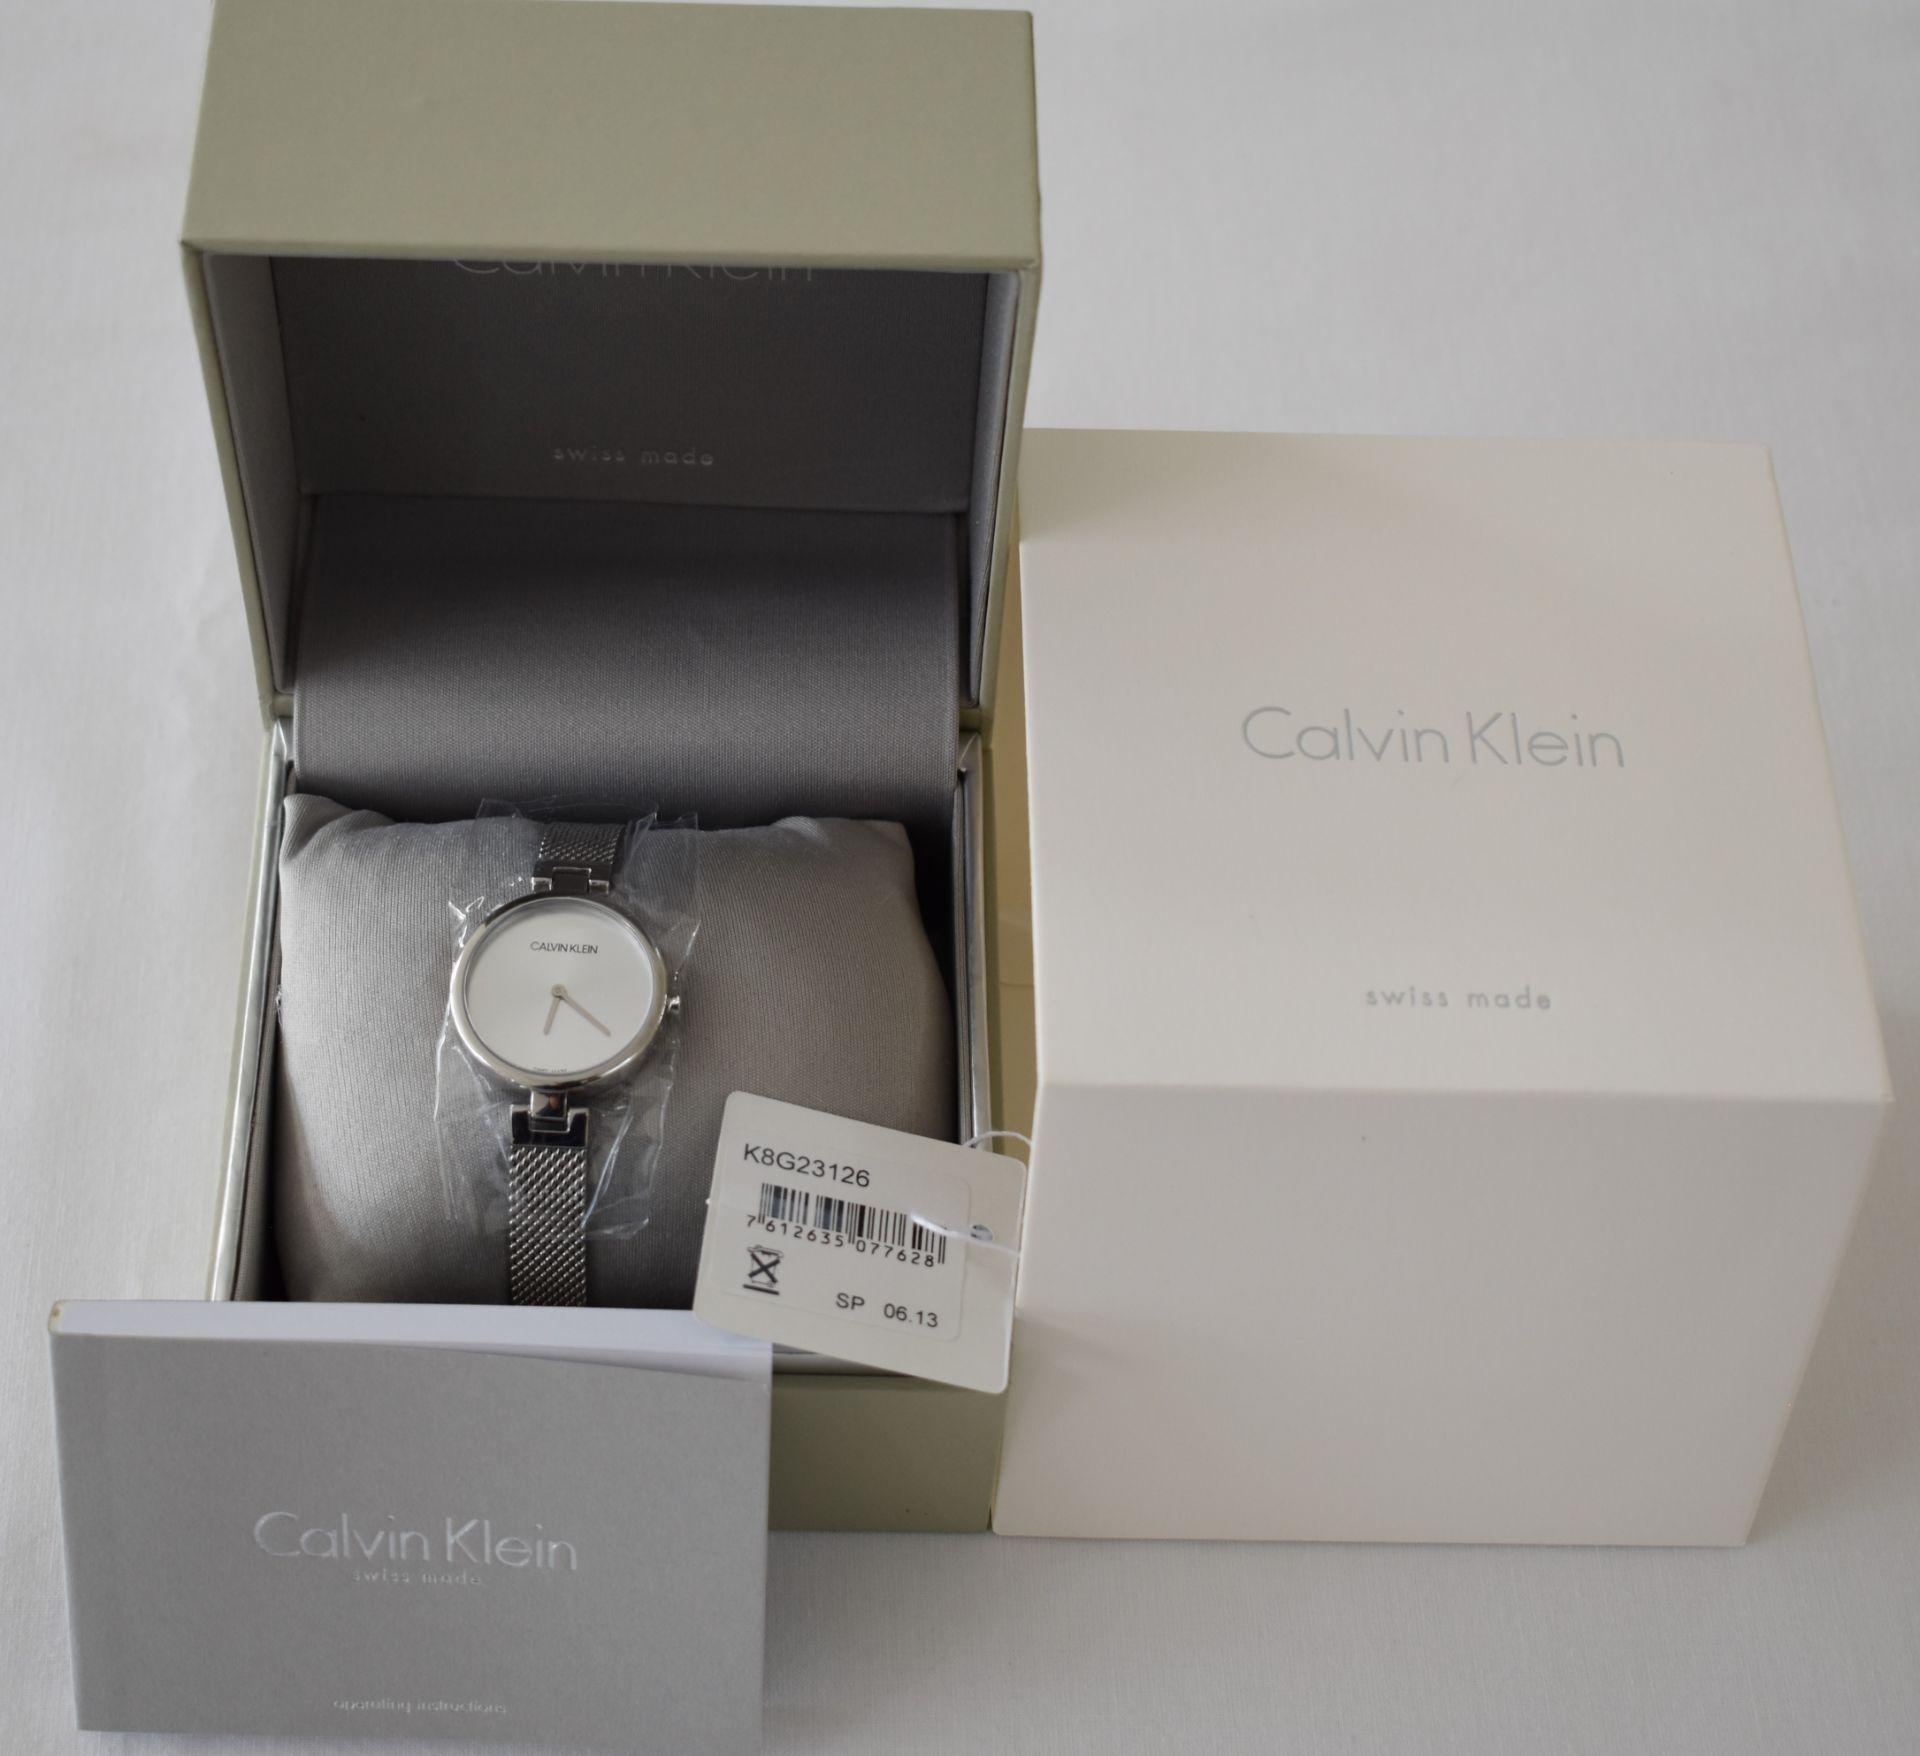 Calvin klein K8G23126 Ladies watch